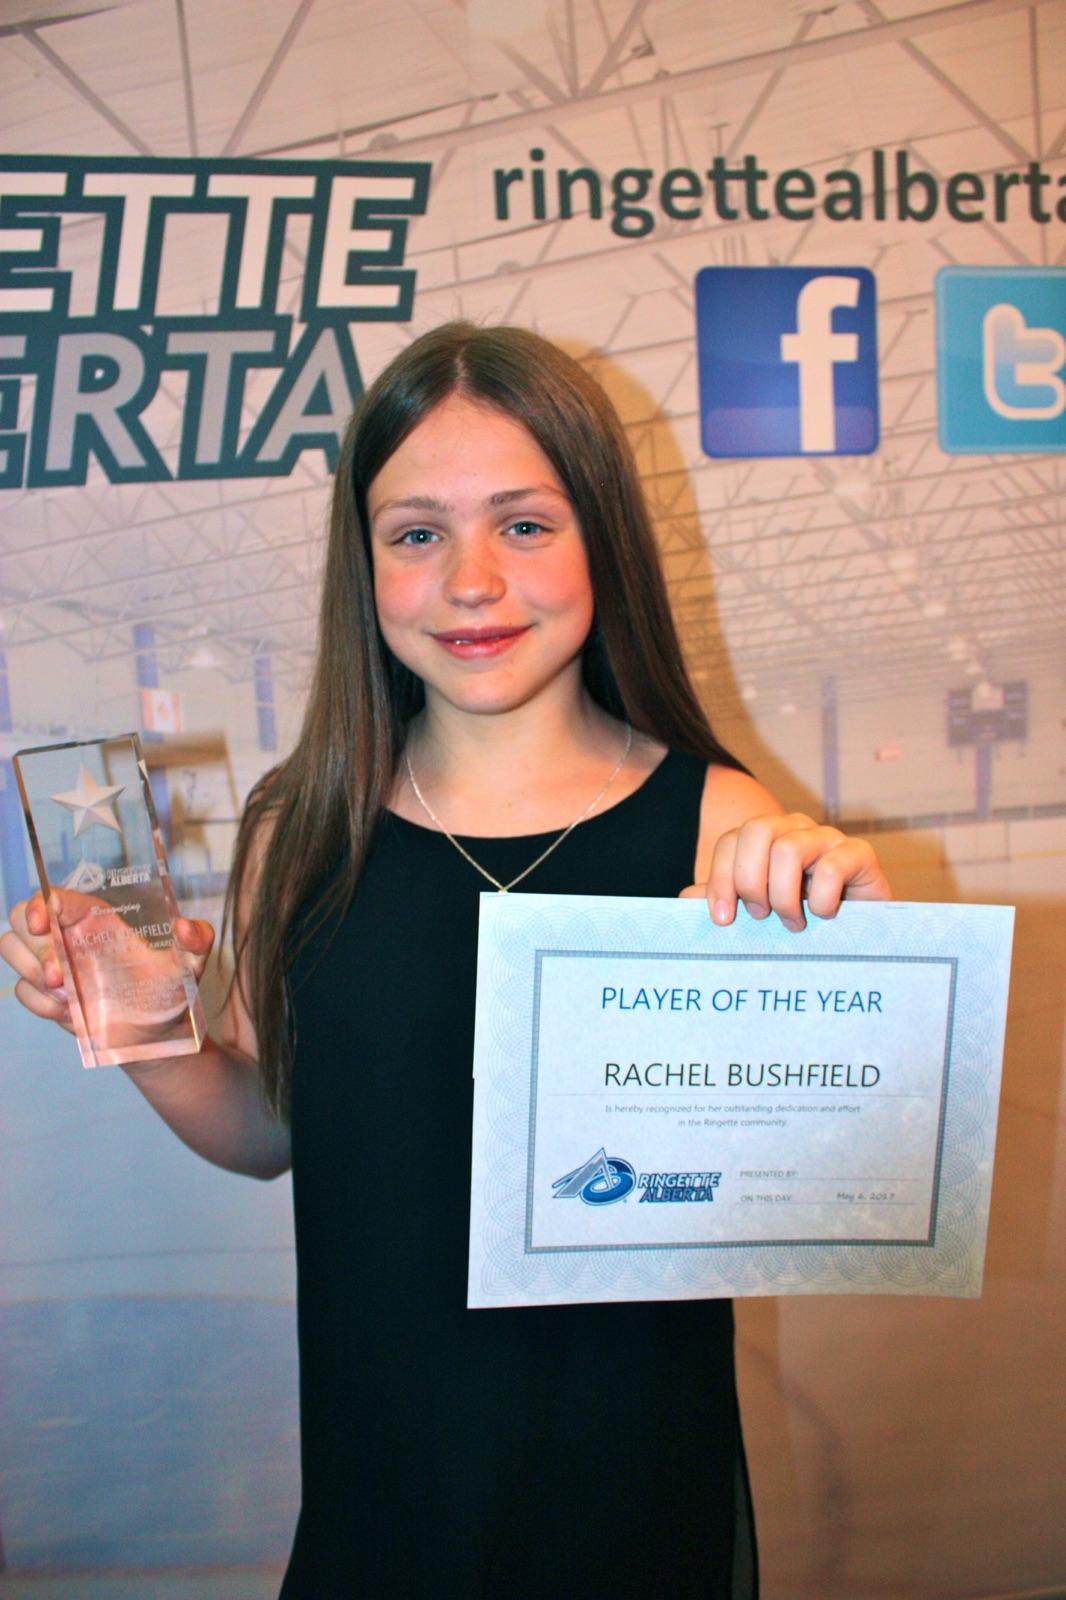 Rachel Bushfield